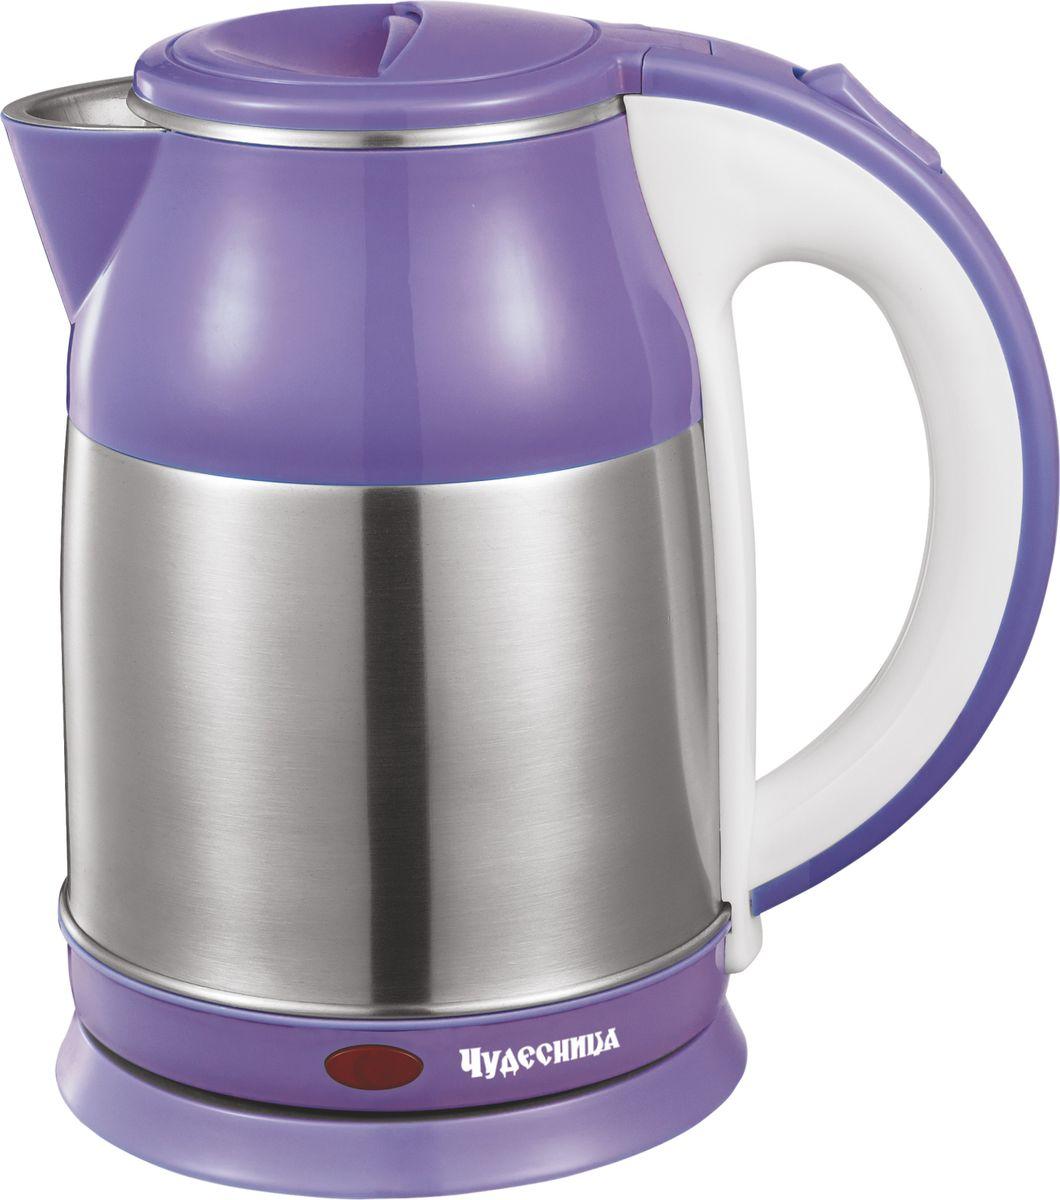 Чудесница ЭЧ-2012, Purple чайник электрическийЭЧ-2012Электрический чайник Чудесница. Объем 1,8л, мощность: 1800 Вт, диск, световая индикация работы, двойной контроллер, автоматическое отключение при закипании, автоматическое отключение без воды, вращение на подставке на 360 градусов